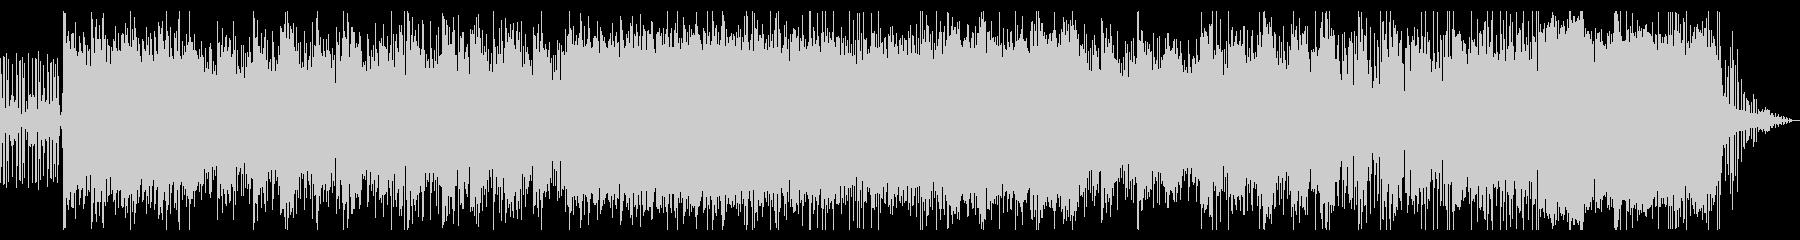 ゲームバトル用オーケストラエキサイトの未再生の波形